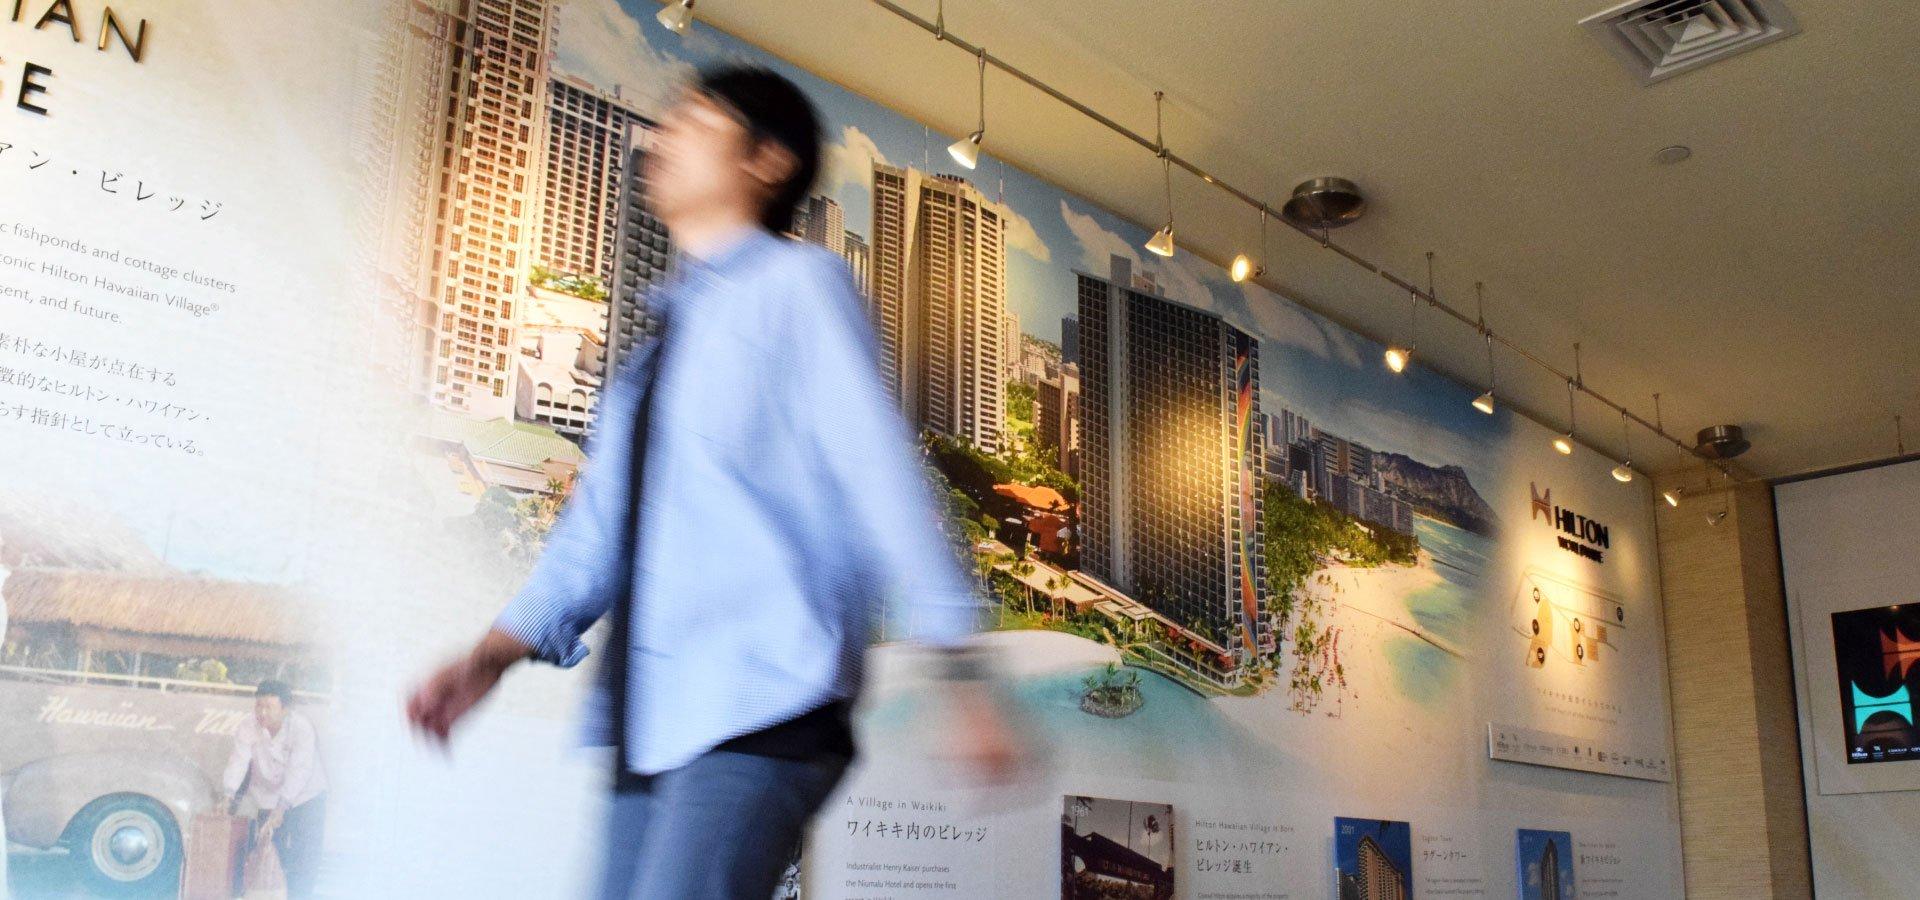 Hilton Gallery Wall